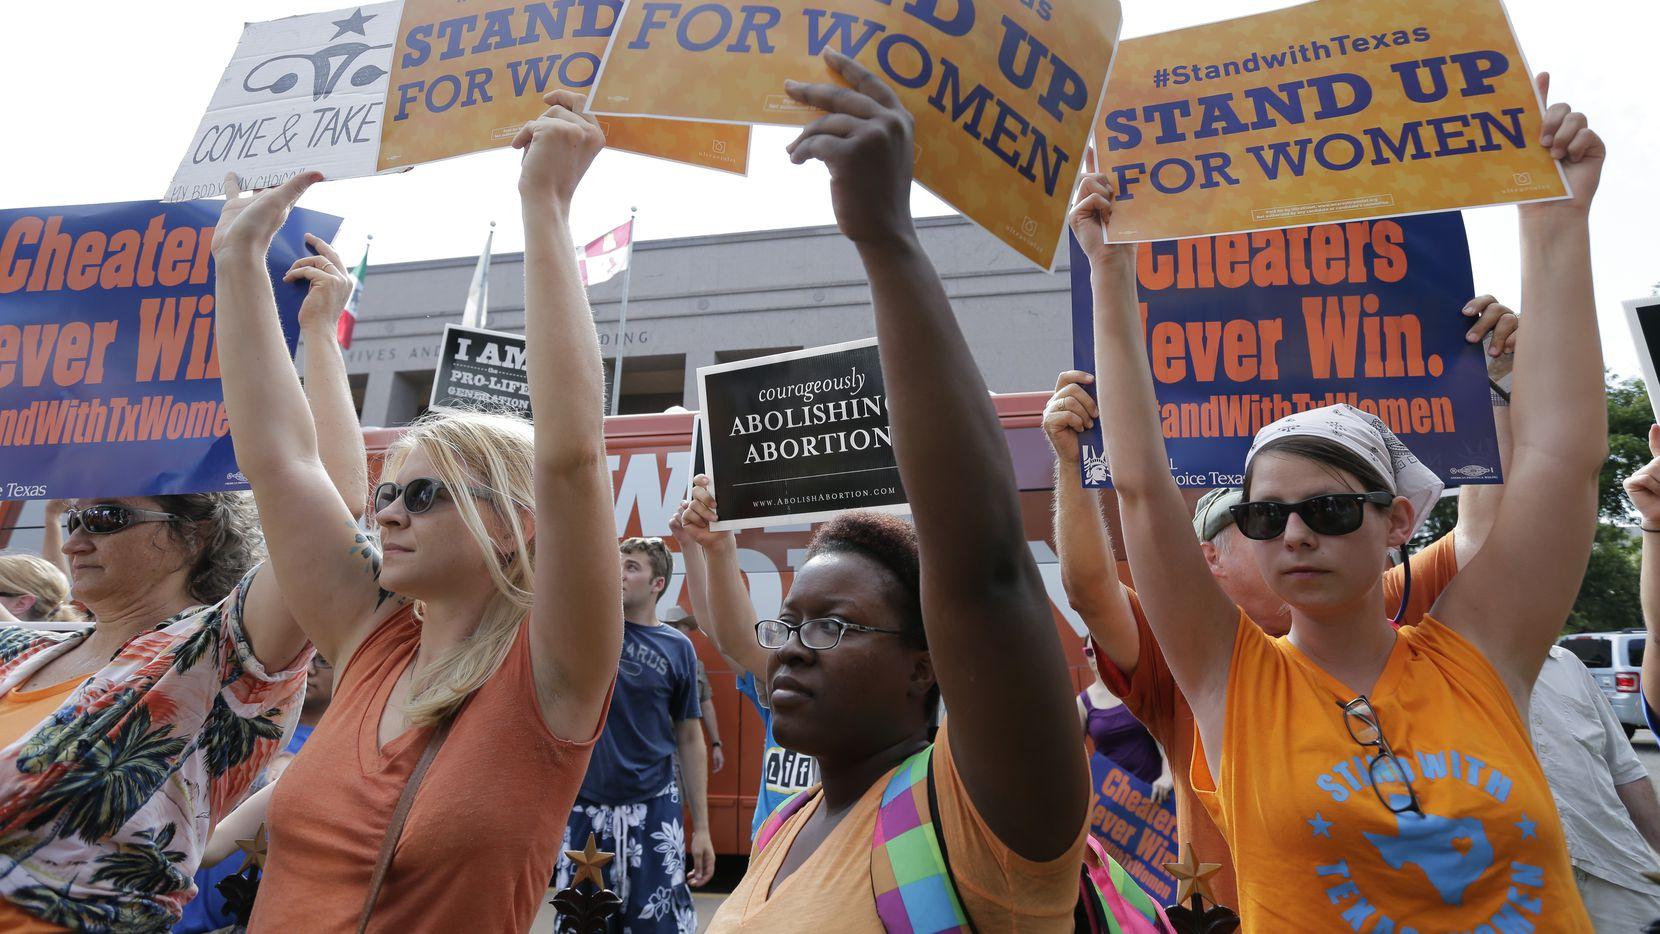 Foto de archivo de 2013 de manifestantes en Austin, Texas, a favor de poner fin a las restricciones para abortar.